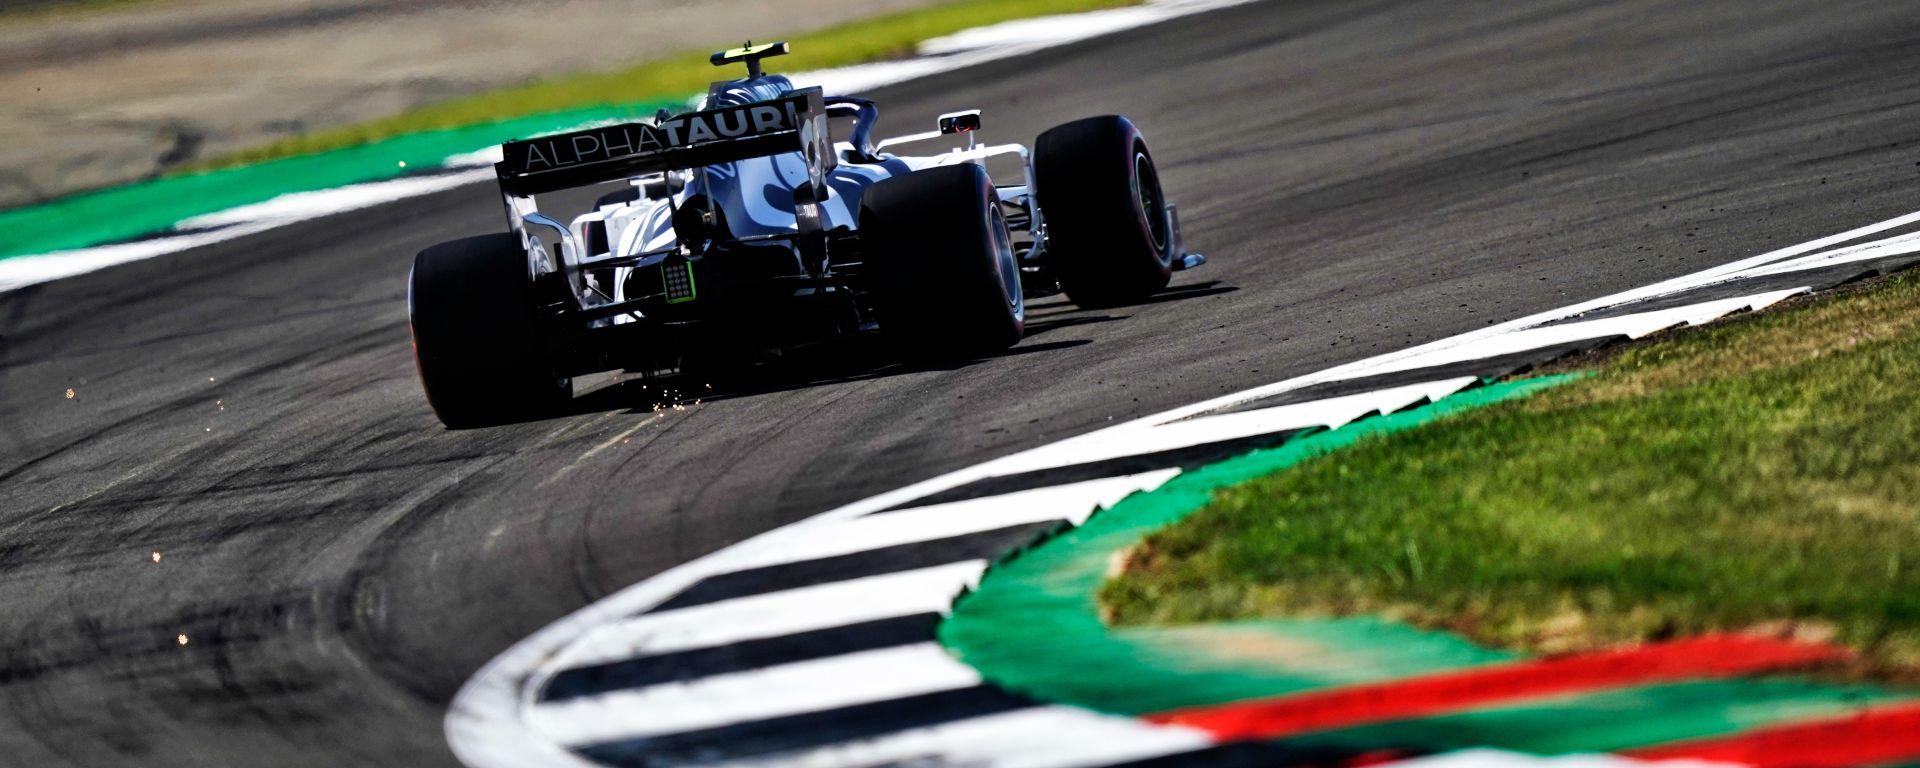 F1 GP 70° Anniversario, Silverstone: Pierre Gasly (AlphaTauri) nelle velocissime curve Becketts